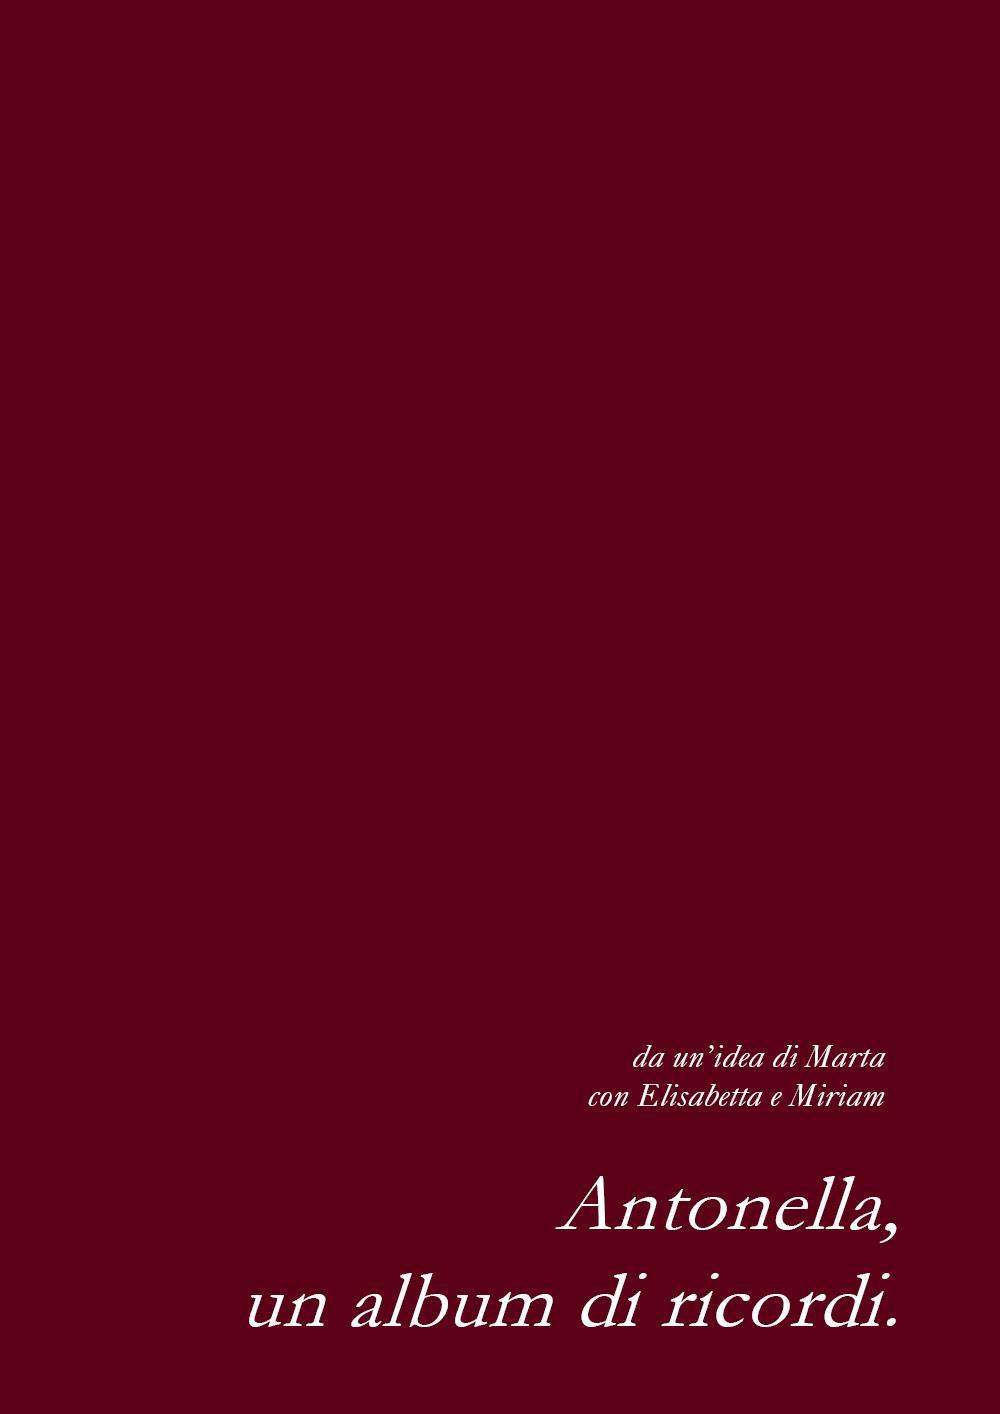 Antonella, un album di ricordi